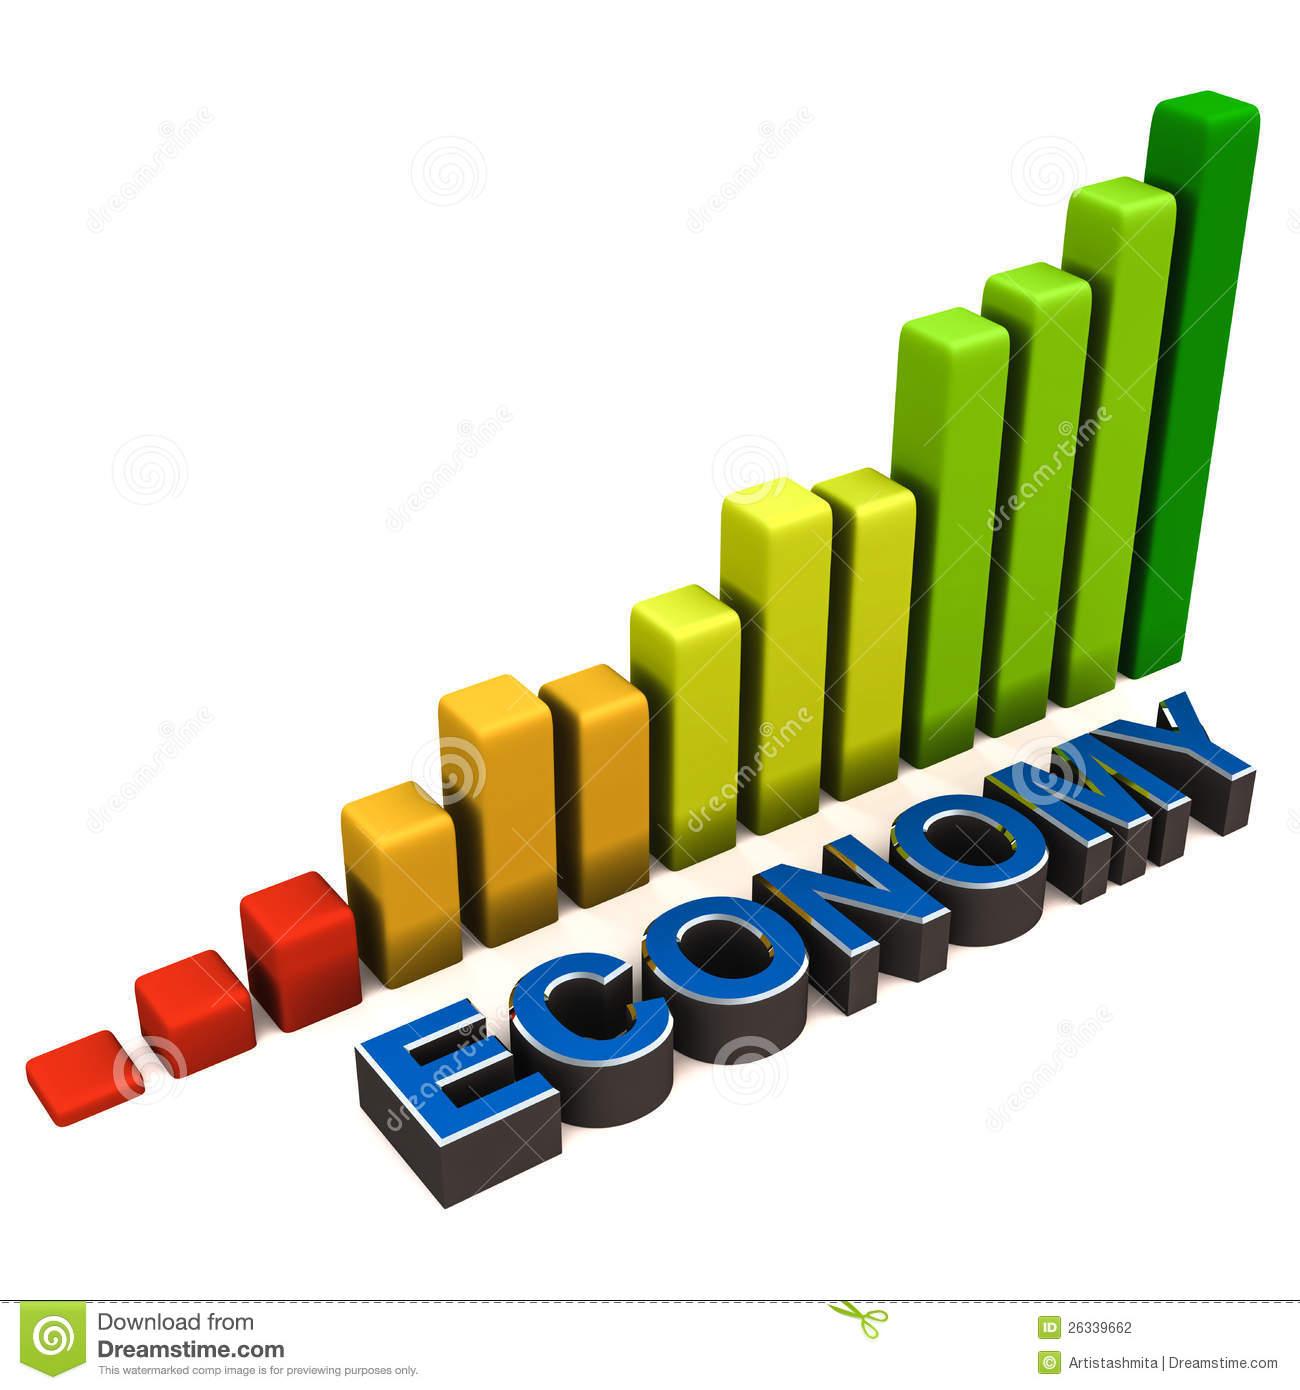 U.s. economy clipart.